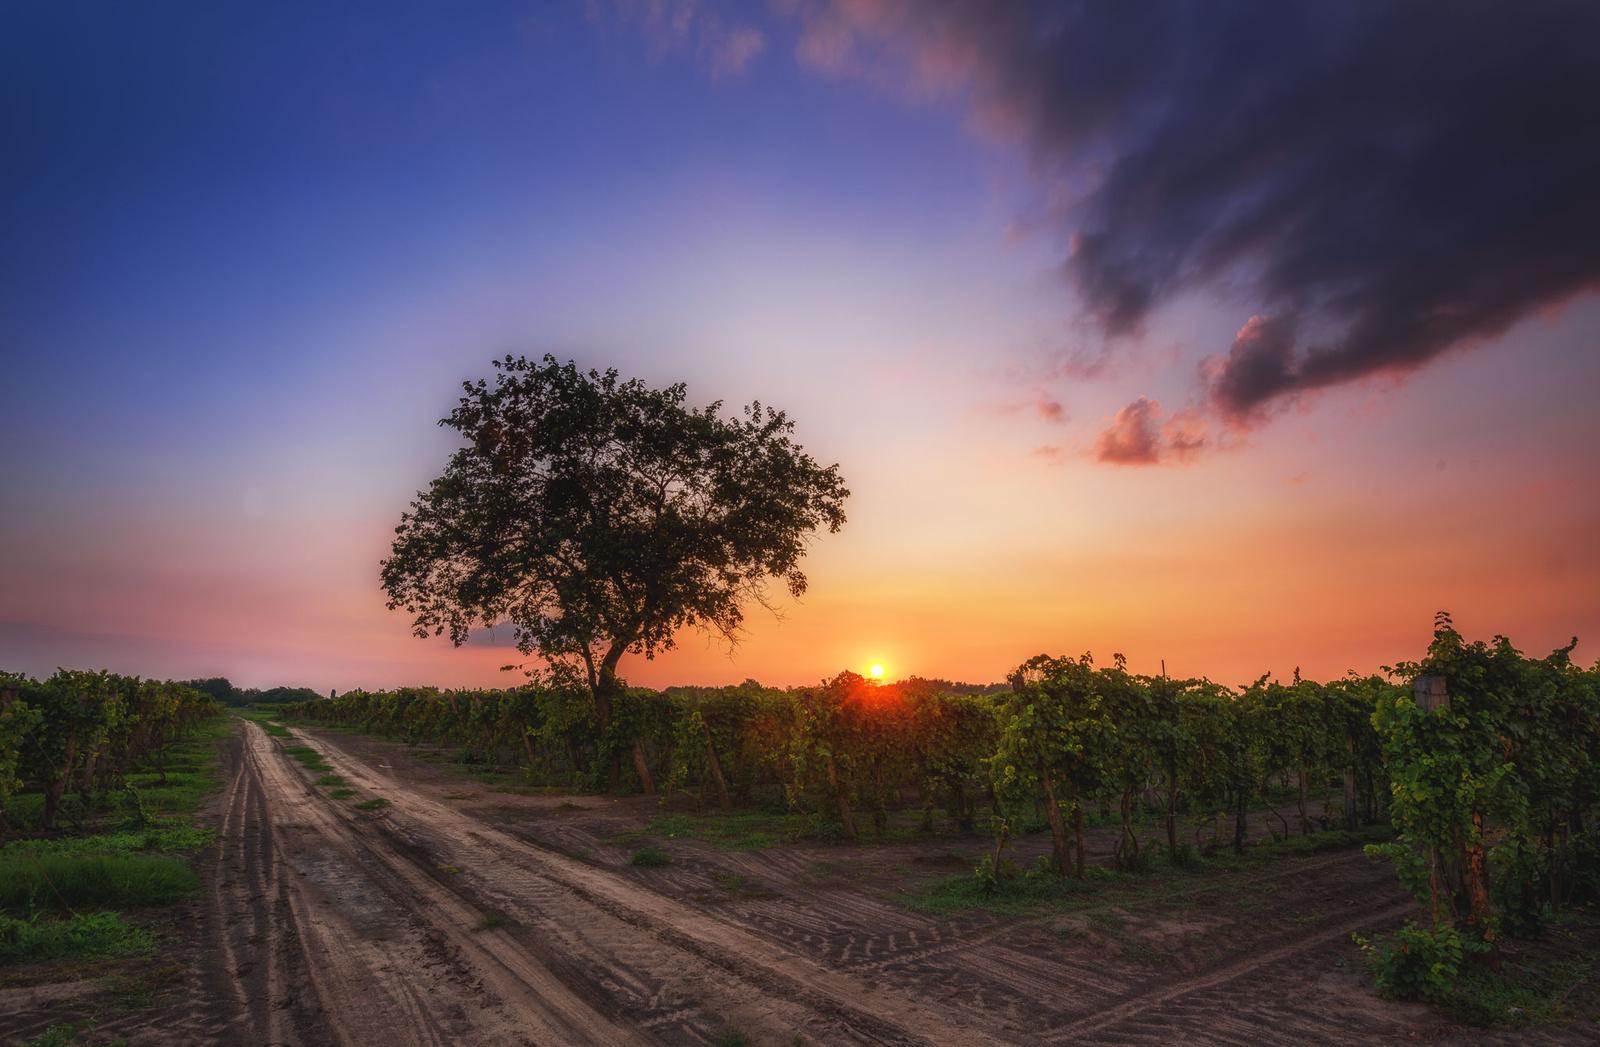 Esti szőlőskert